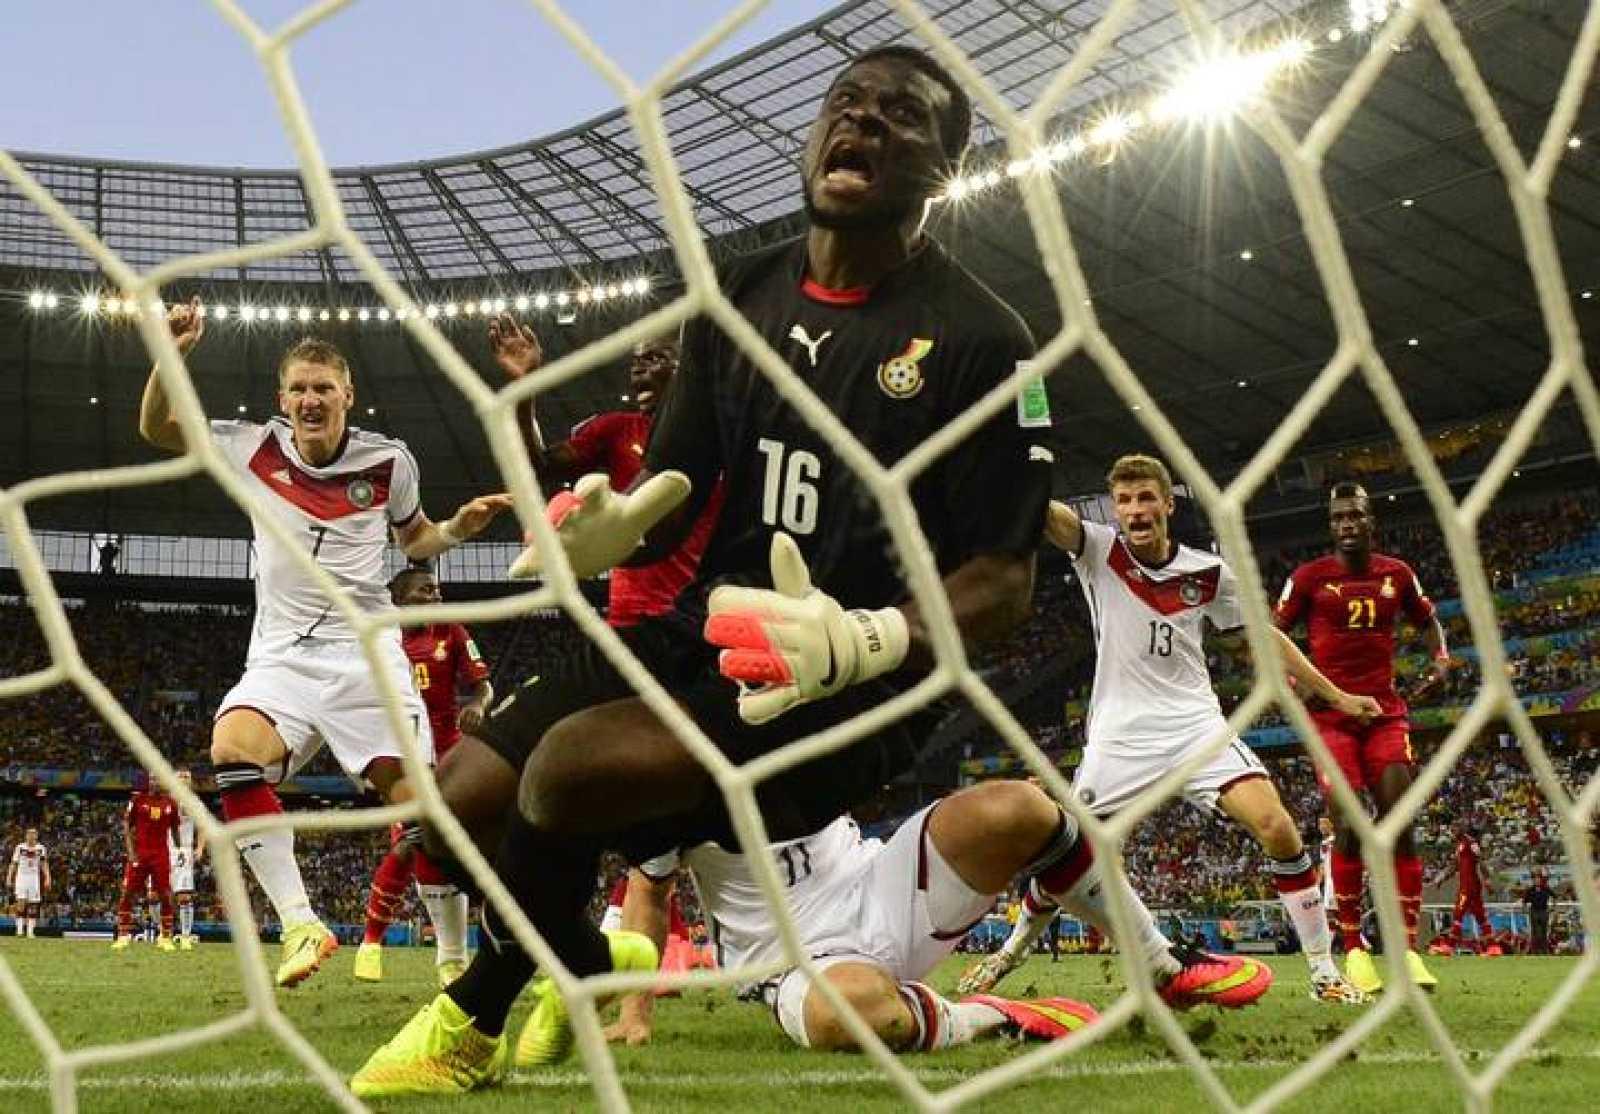 El portero de Ghana, Dauda, se queda mirando cómo el balón entra en su portería.